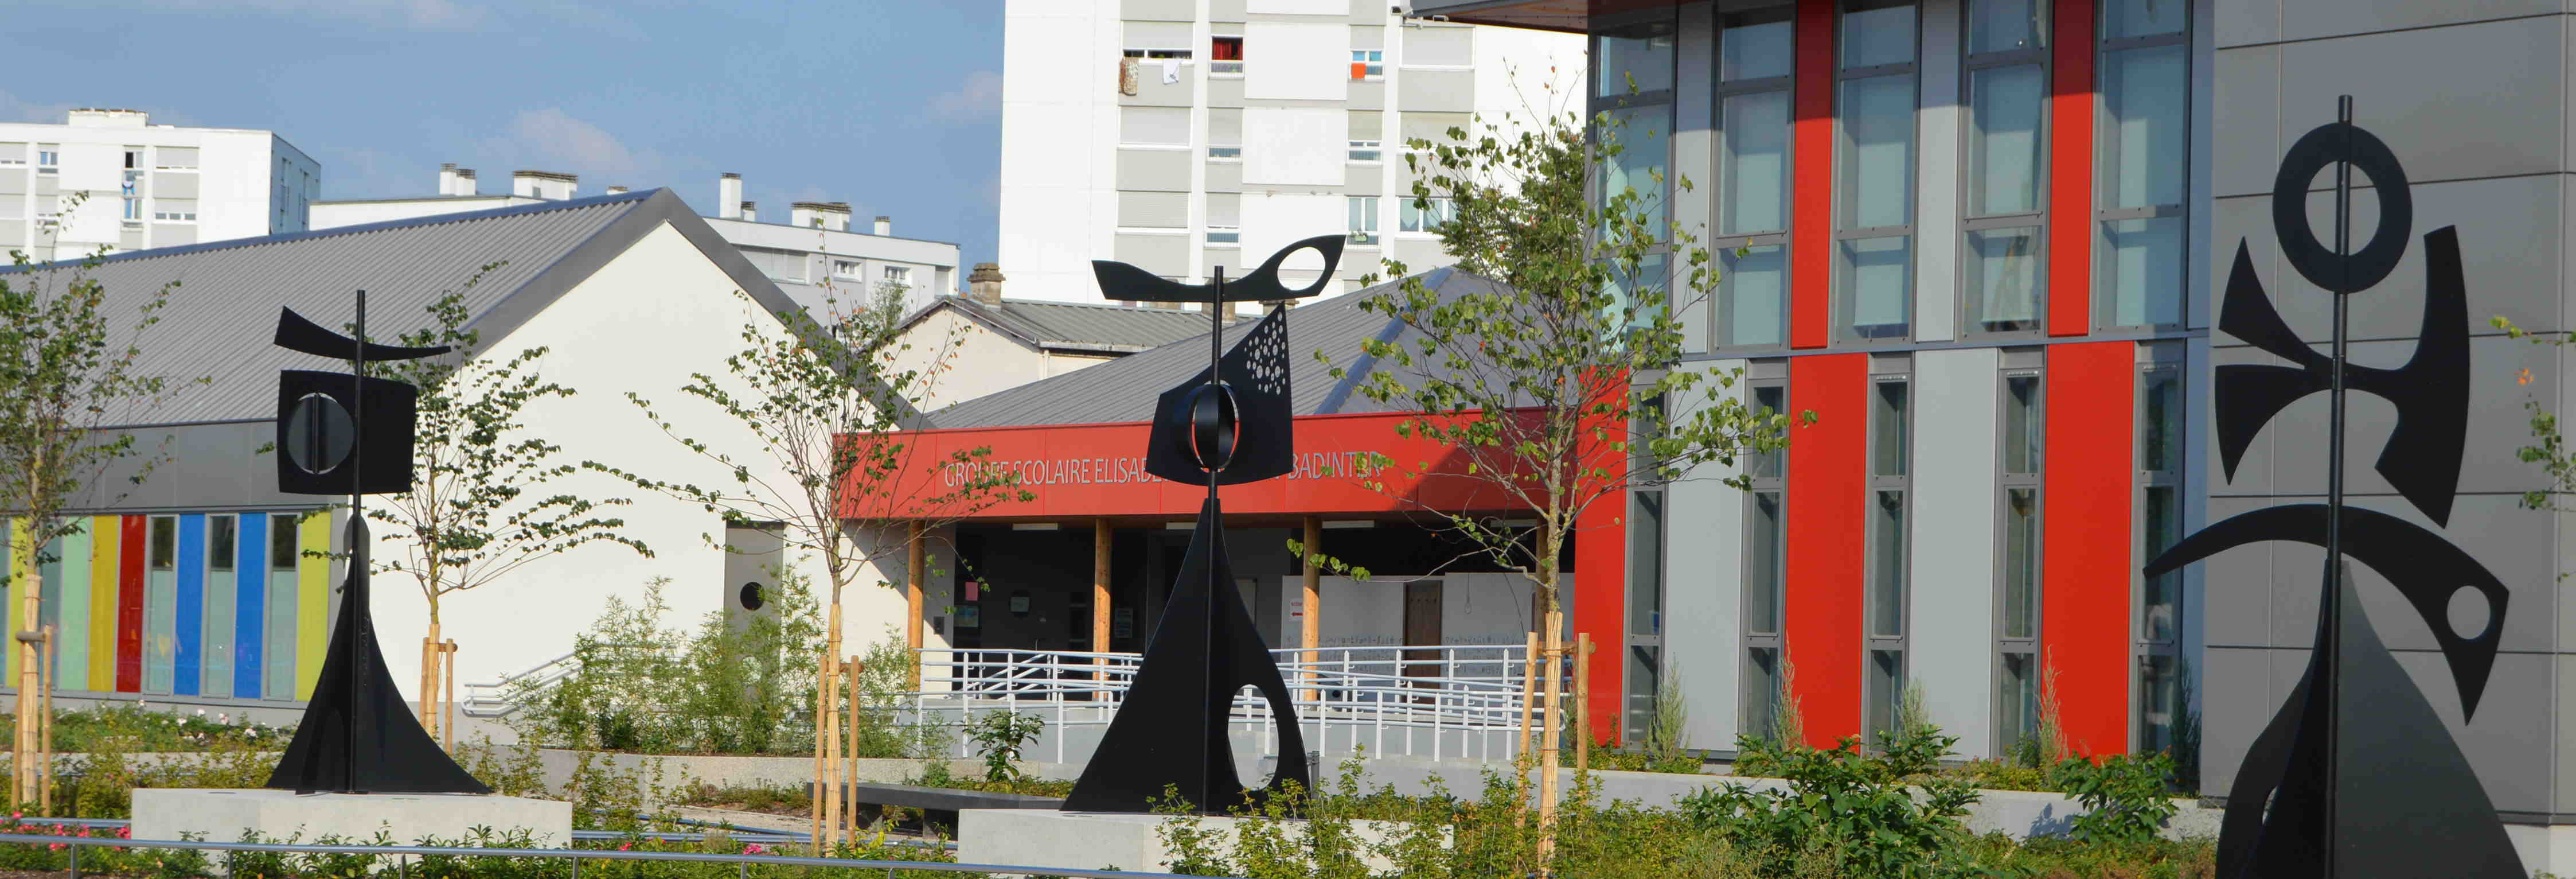 Place des Arts - Sculptures de Philippe Hiquily